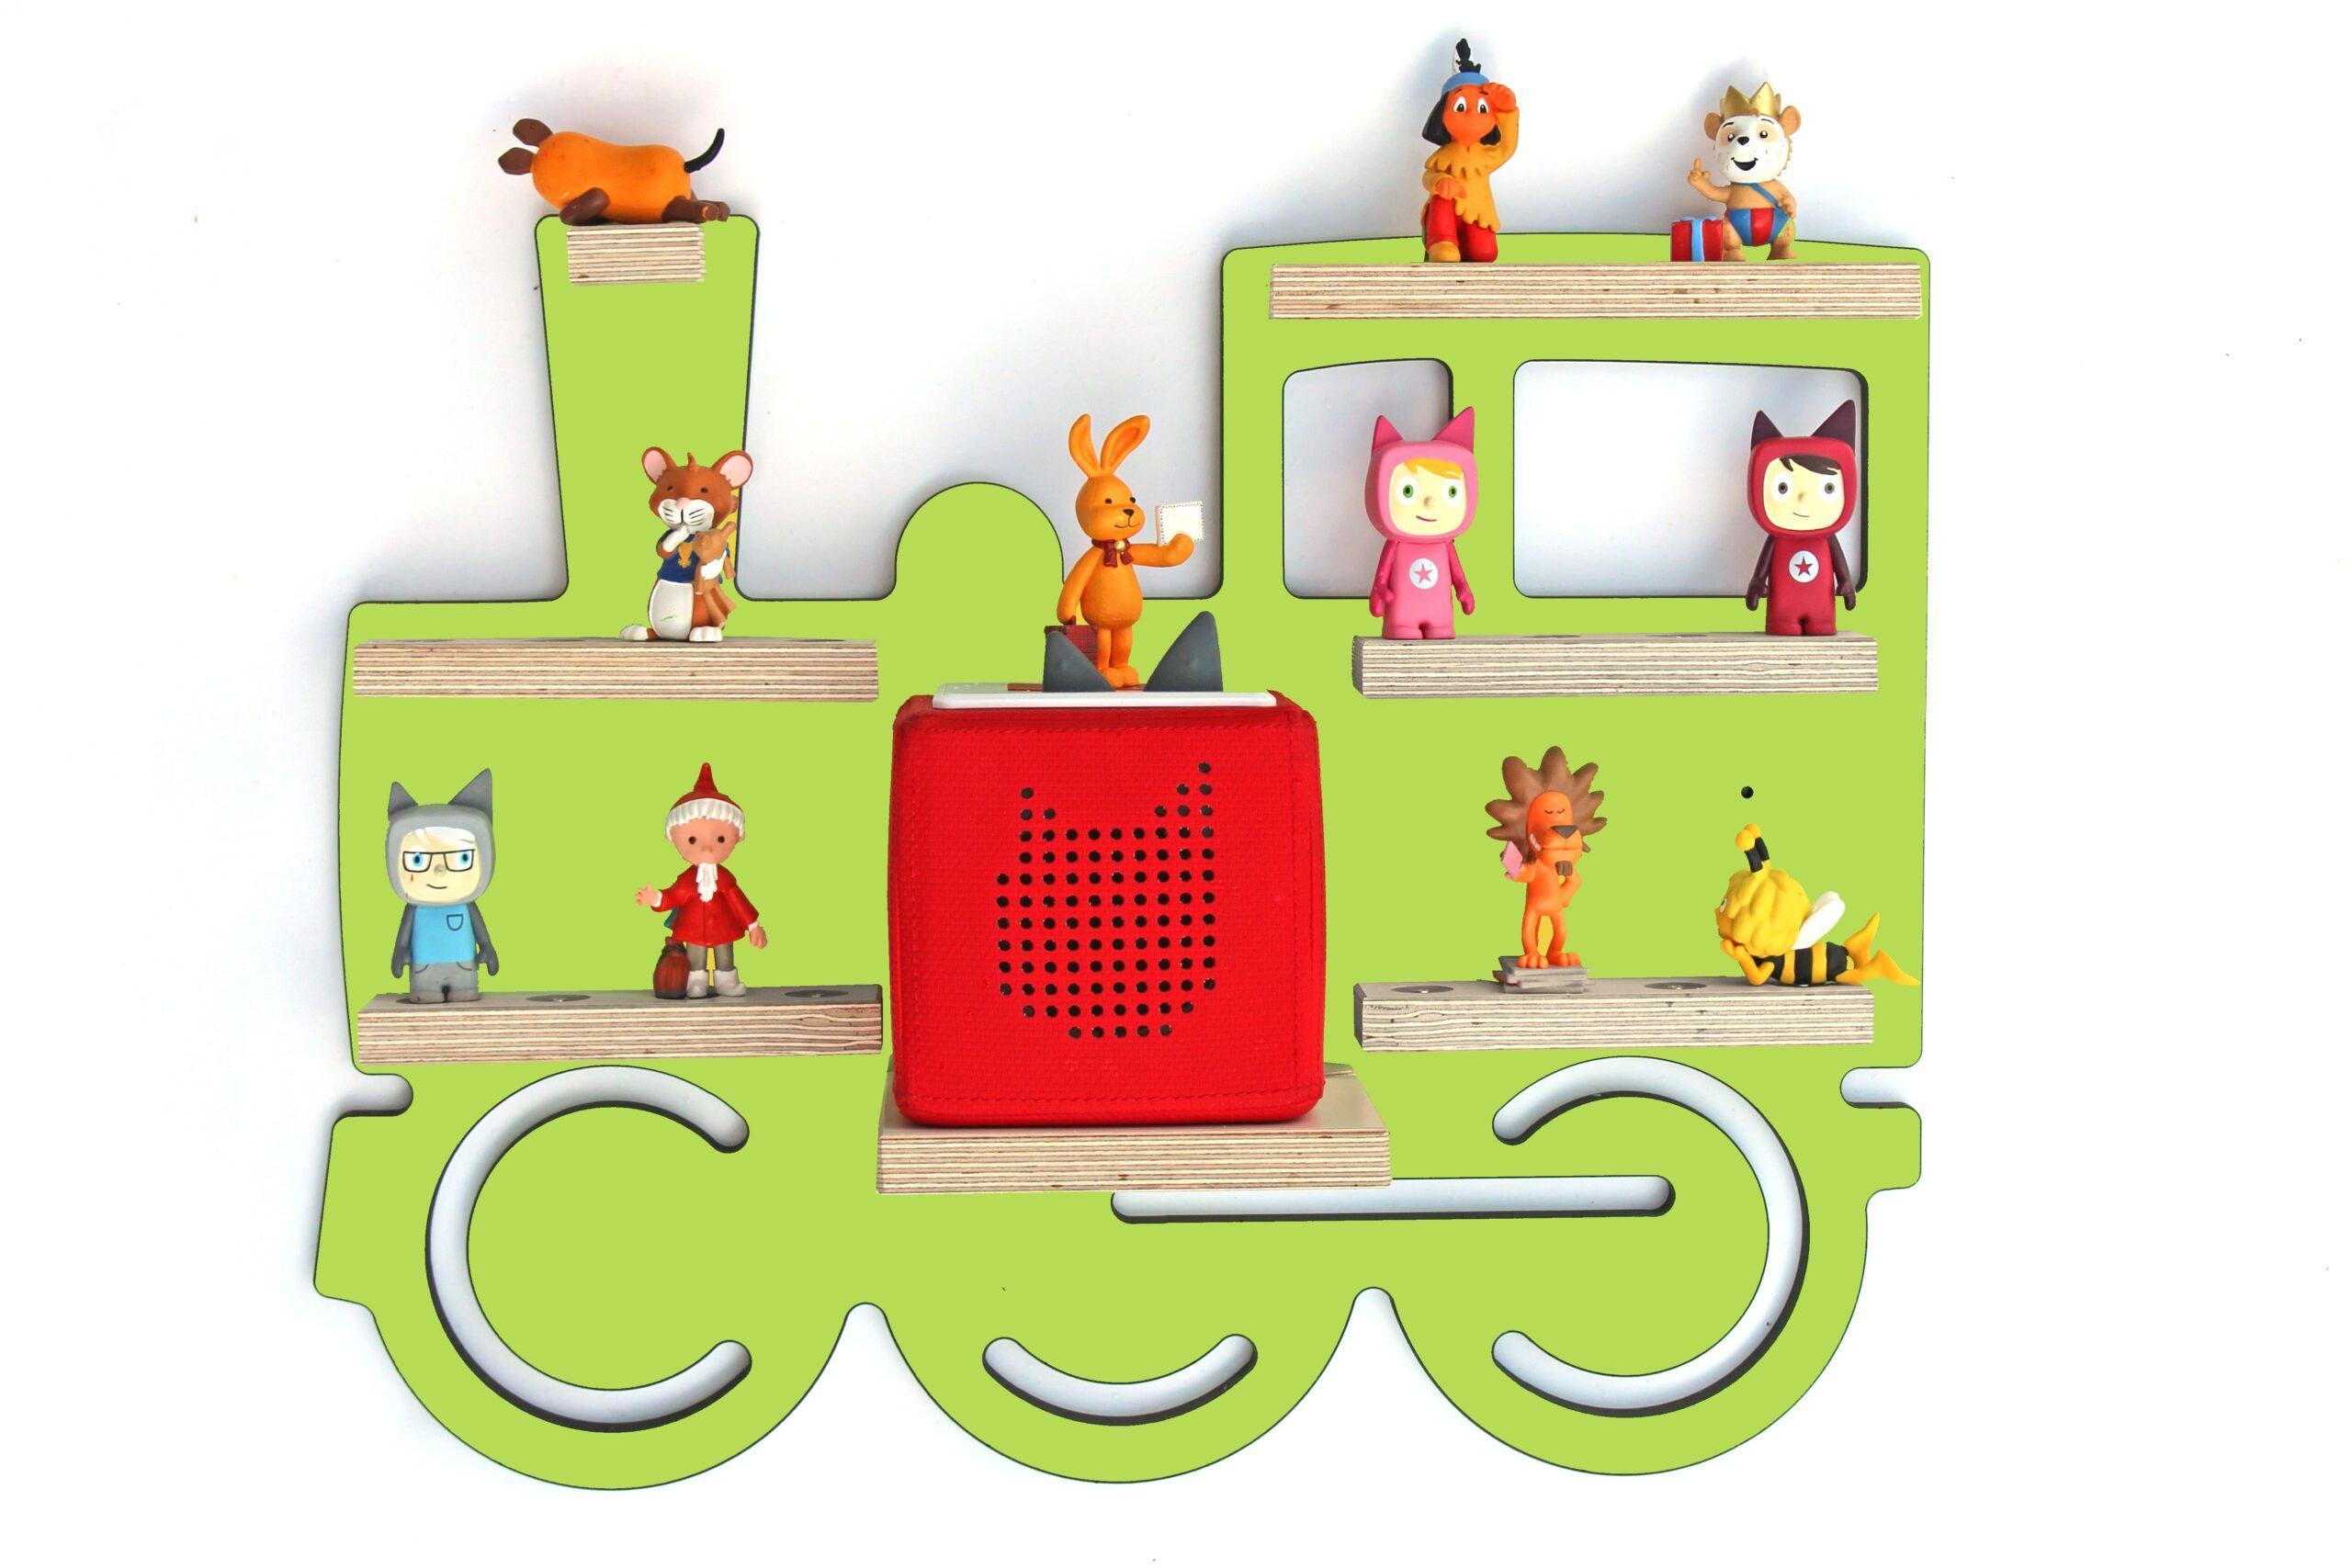 Full Size of Schreinerei Linden Regal Lokomotive Grn Tonies Figuren Holzregal Küche Graues Mit Körben Soft Plus Wandregal Bad Regale Nach Maß Hoch Wein Gebrauchte Auf Regal Regal Grün